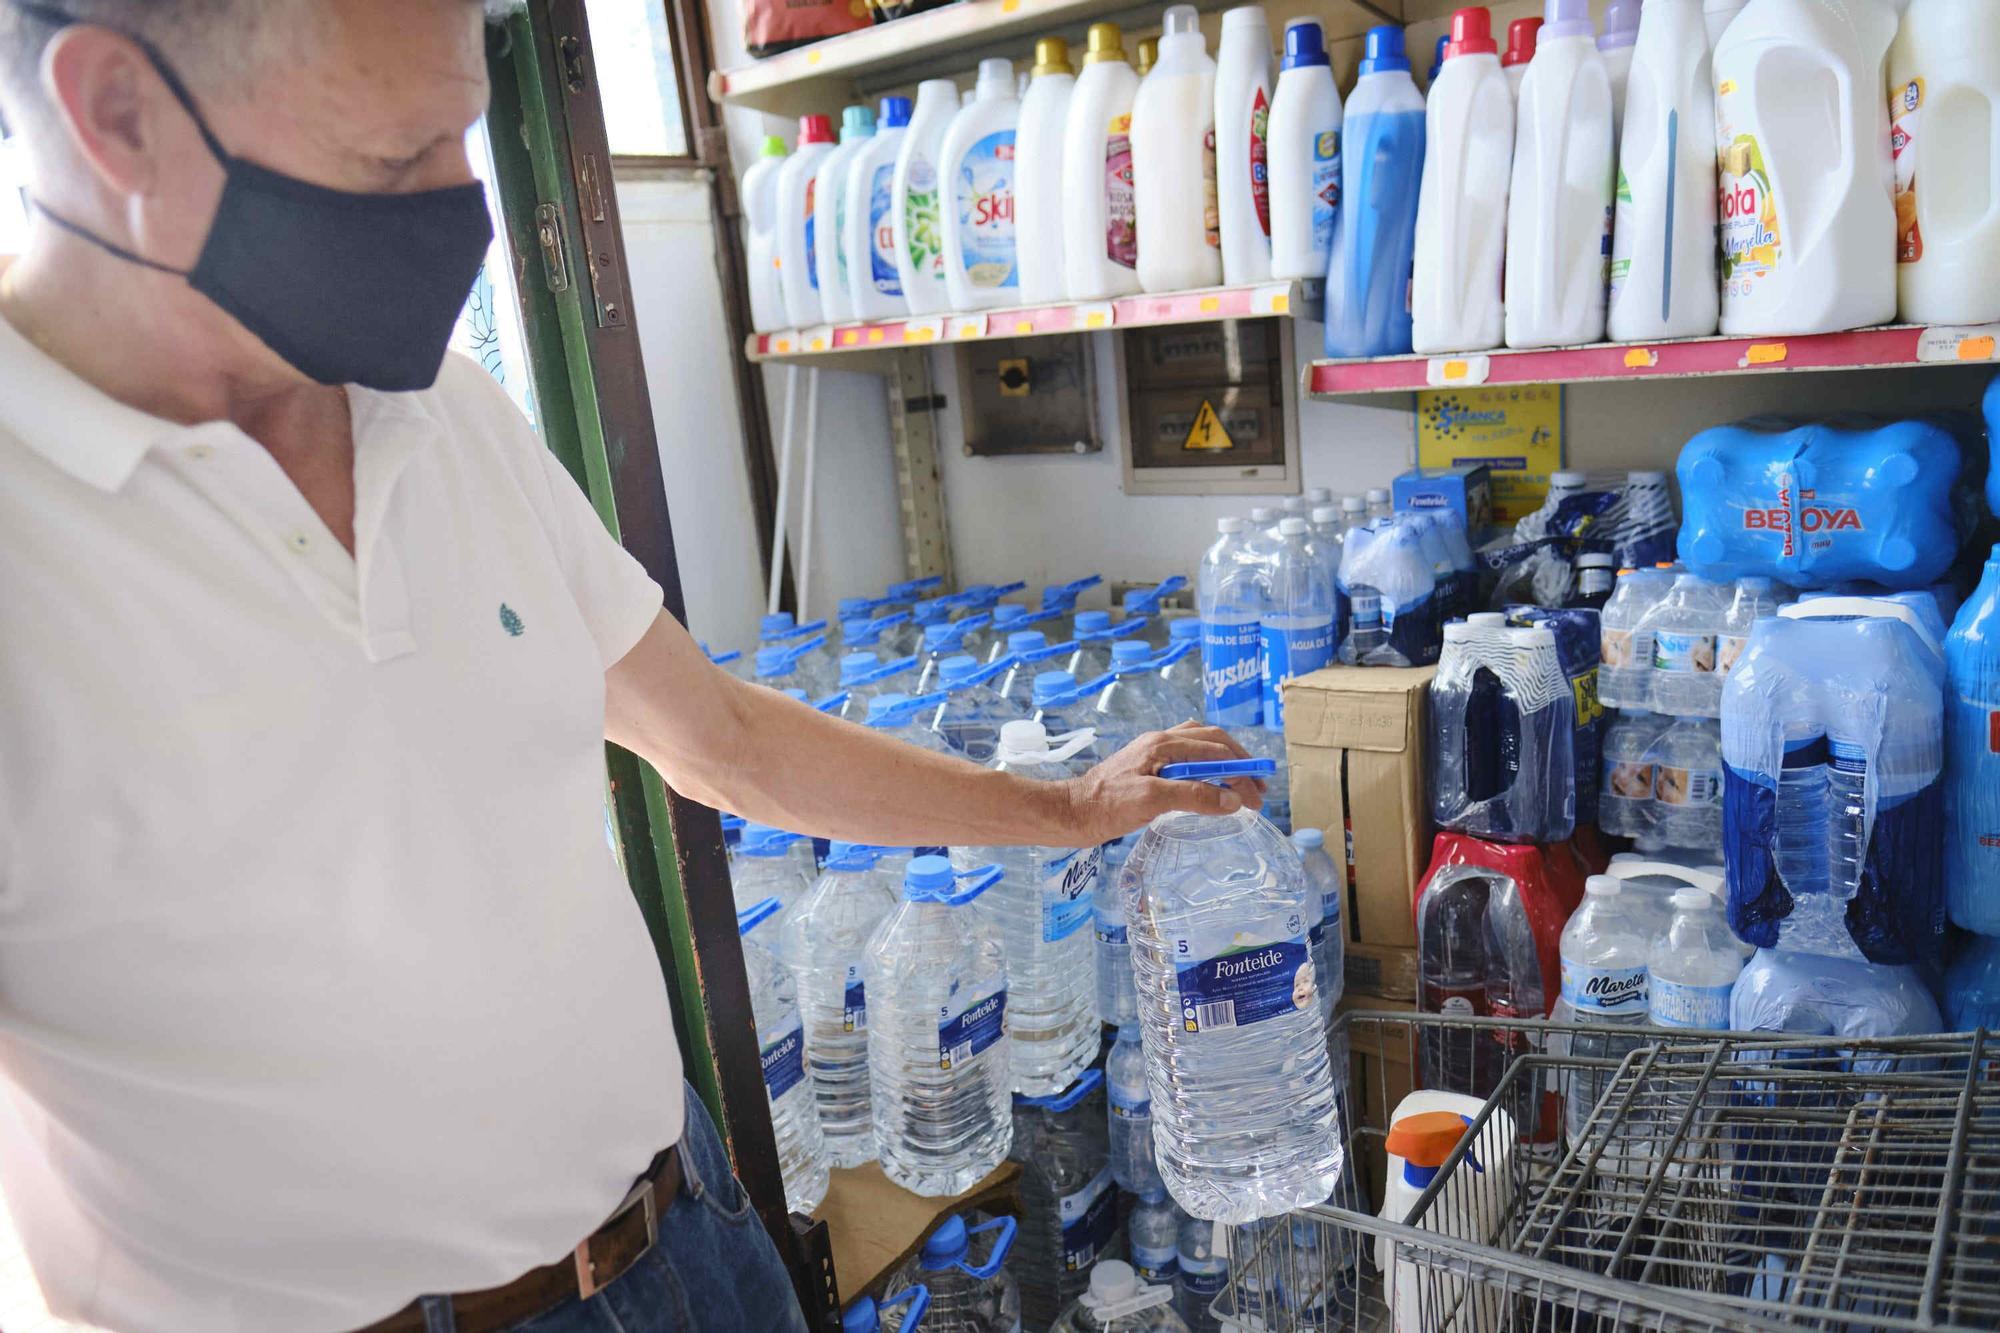 Restricciones en el consumo de agua en La Guancha